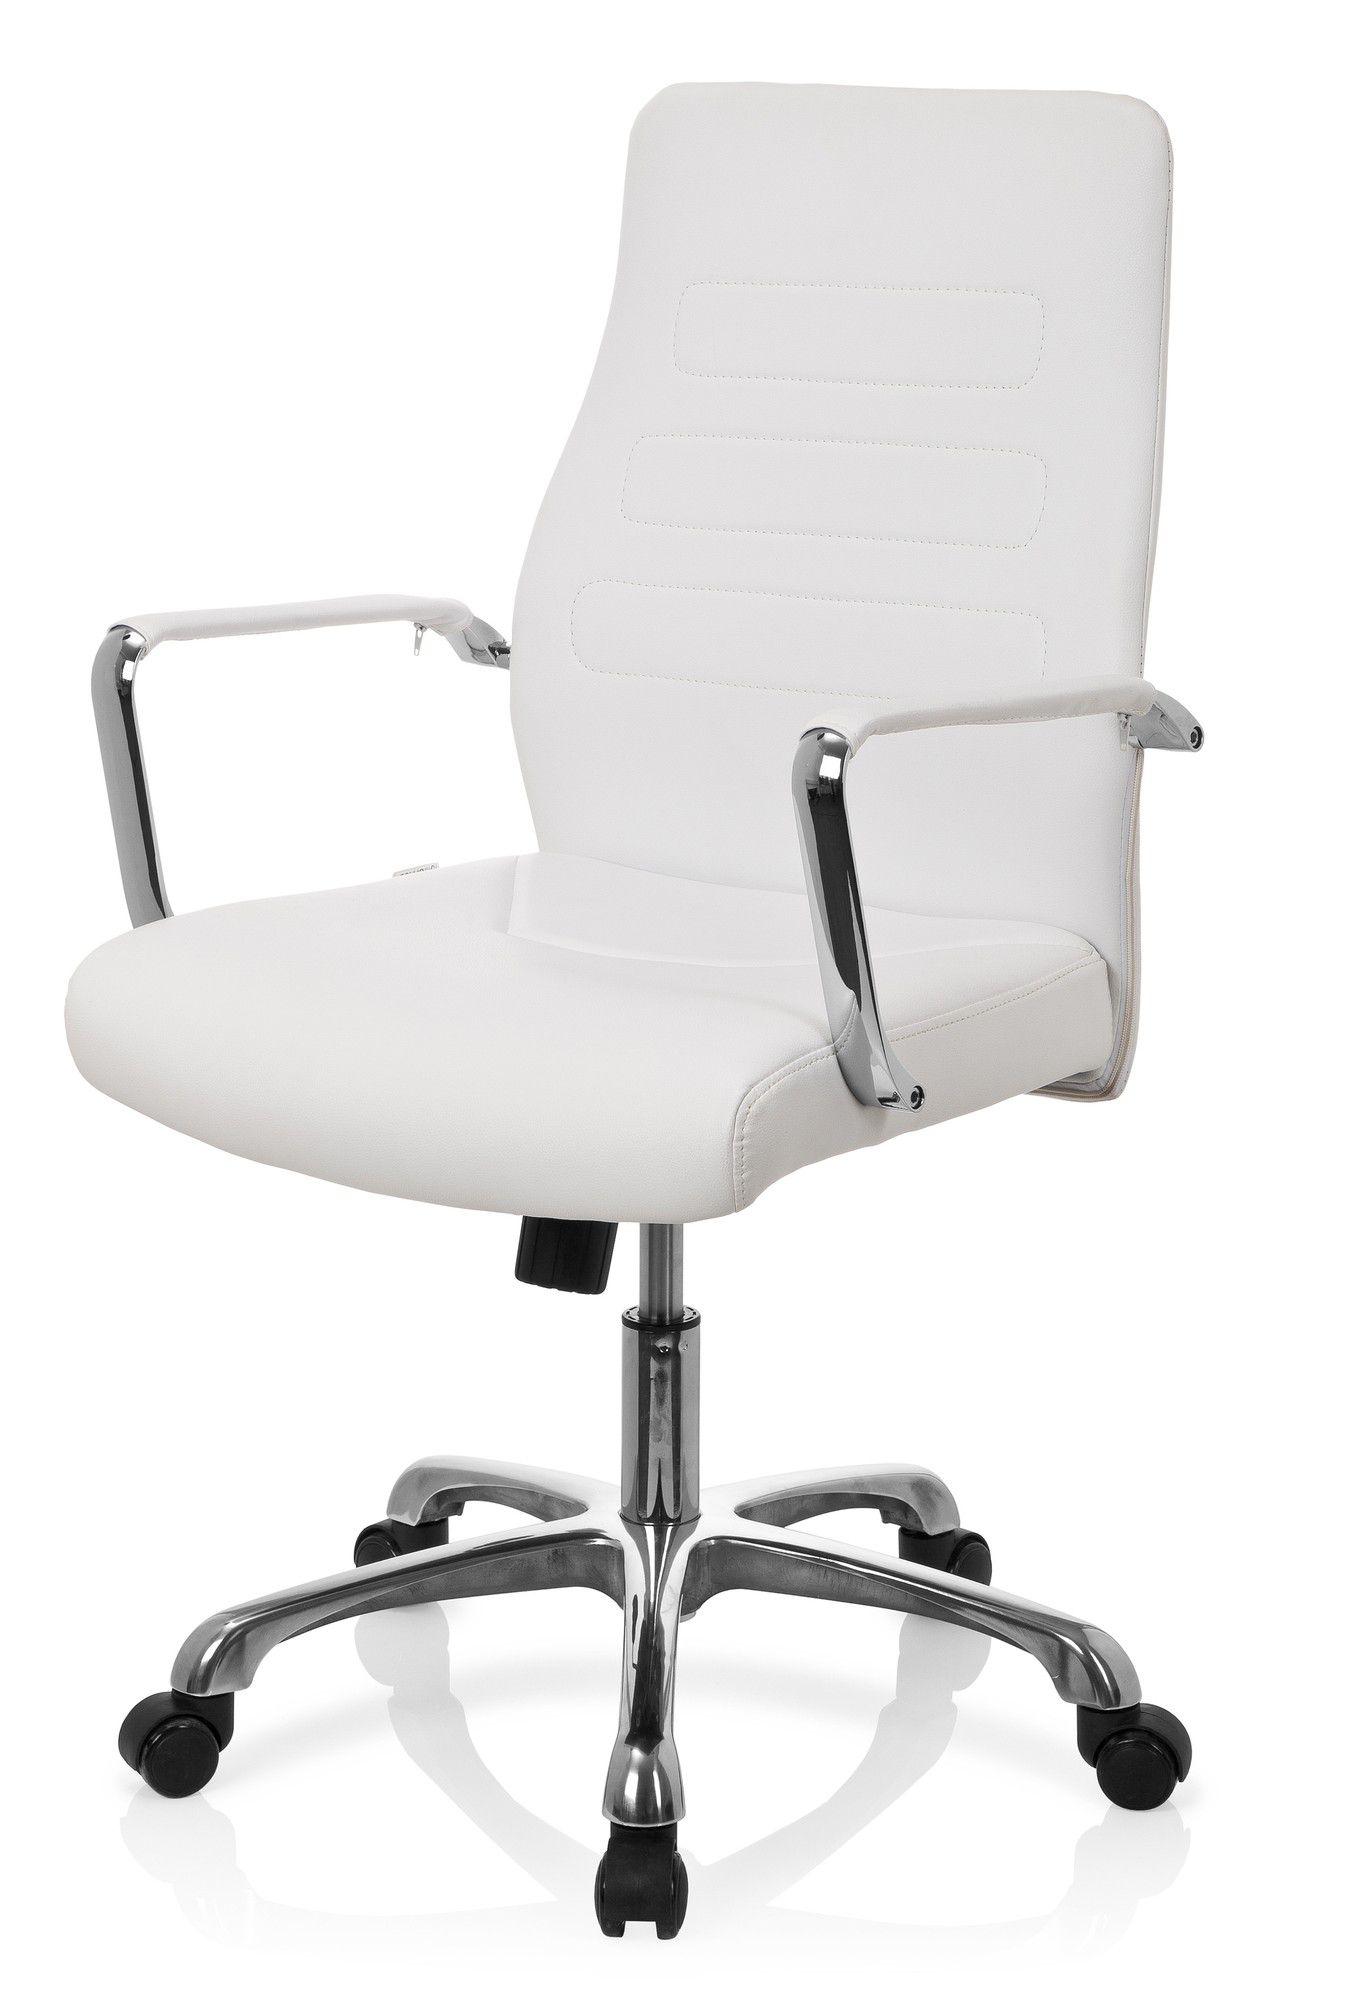 Bürostuhl Chefsessel TEWA Kunstleder creme hjh OFFICE